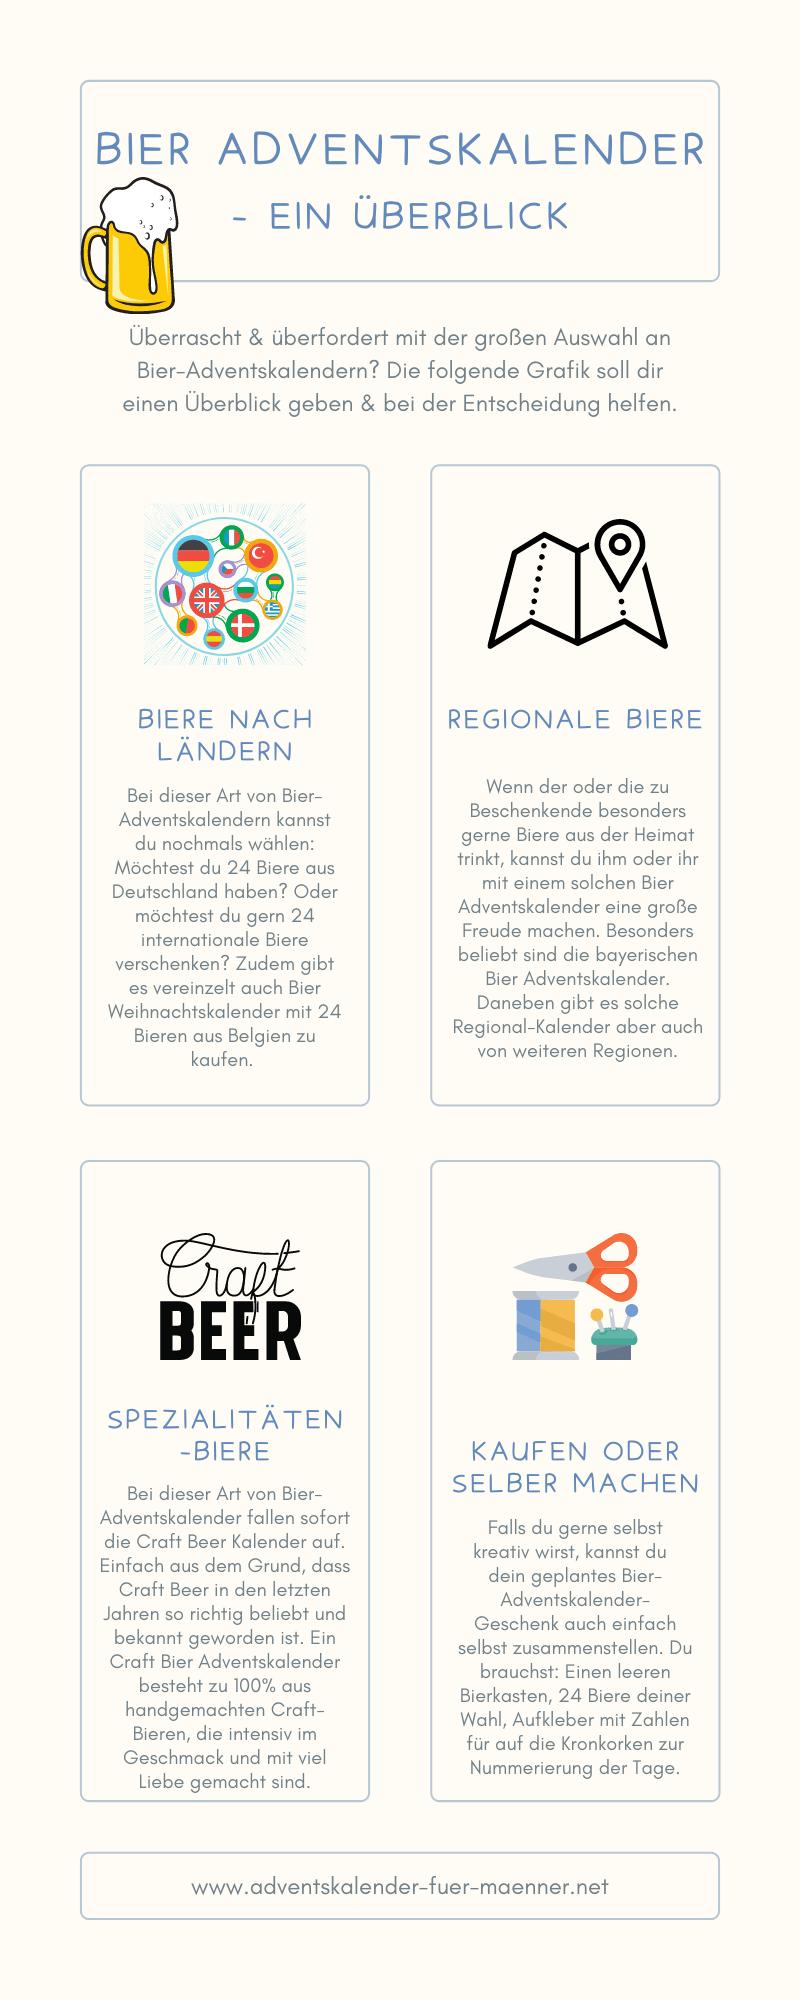 Bier Adventskalender Vergleich Infografik